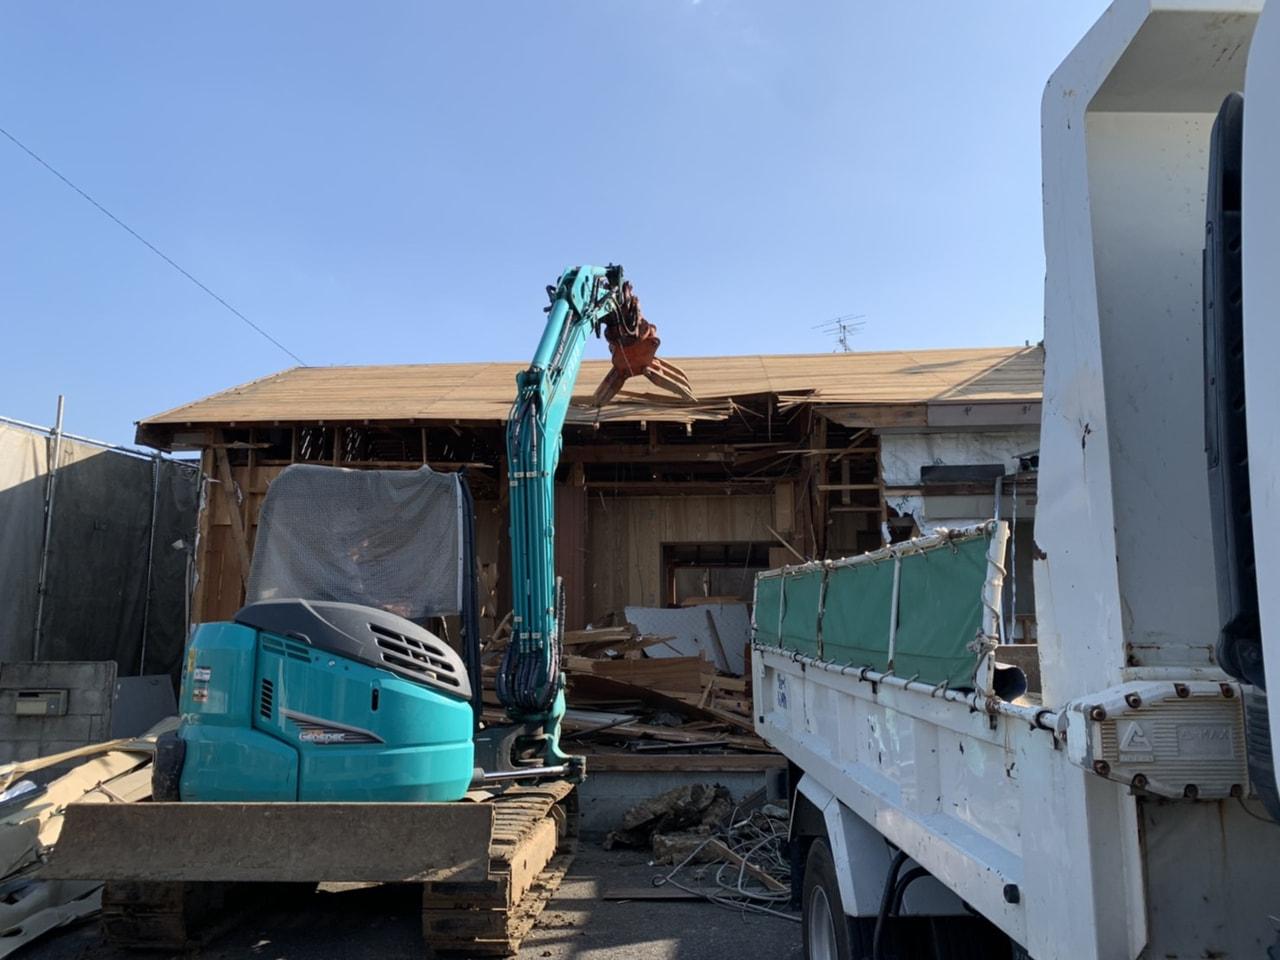 我孫子市 木造平屋建解体工事 解体前